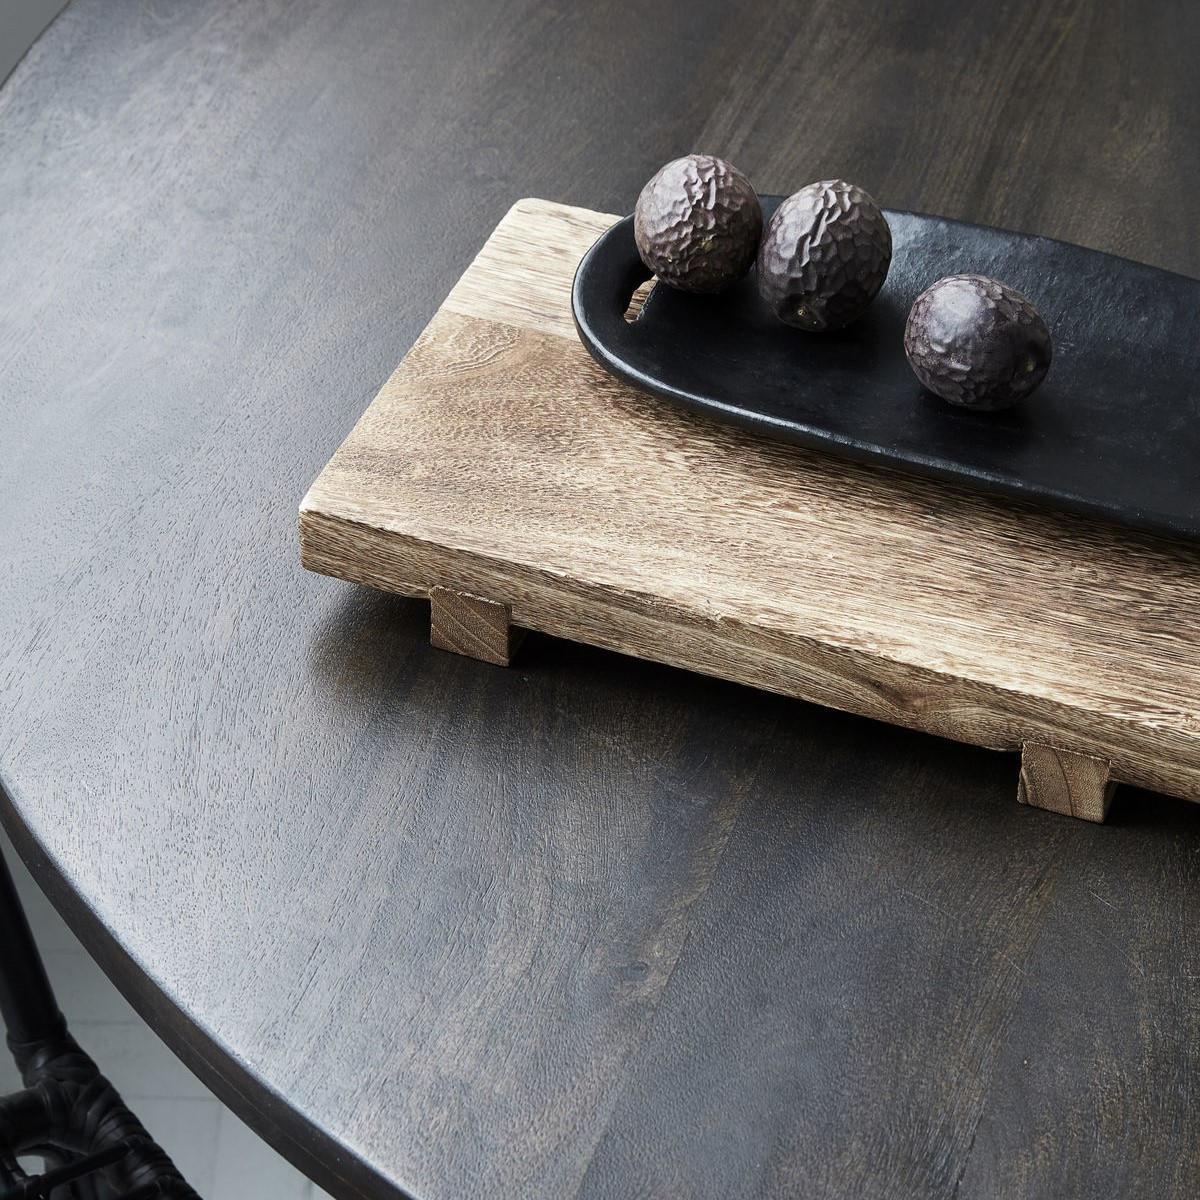 House Doctor Dřevěný tác Craft 36 cm, přírodní barva, dřevo